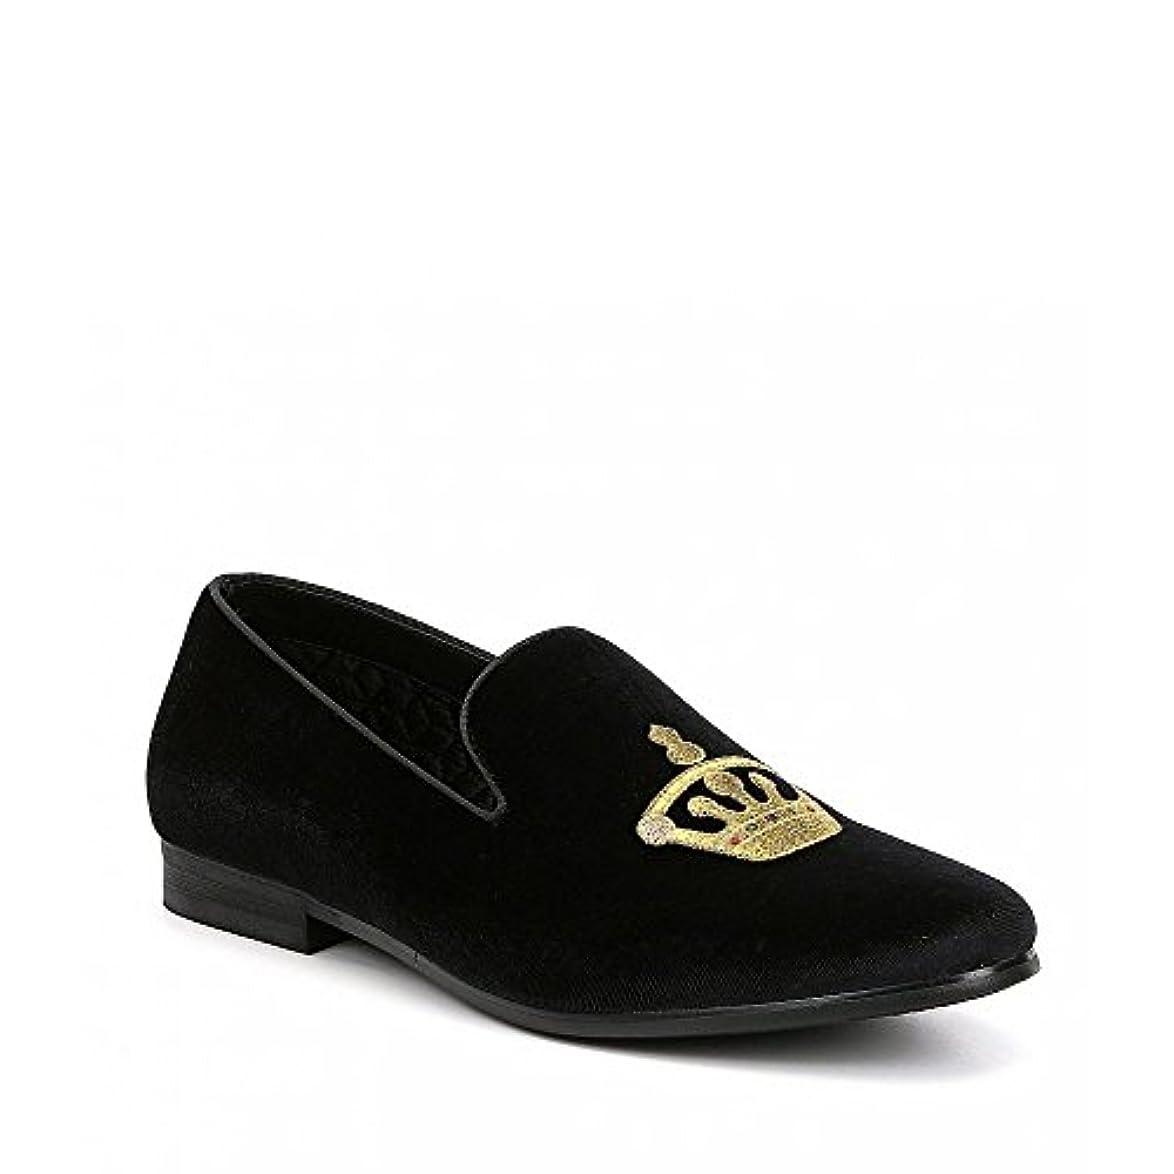 スコアベルベット実証する(スティーブ マデン) Steve Madden メンズ シューズ?靴 革靴?ビジネスシューズ Pinnacle Velvet Dress Shoes [並行輸入品]